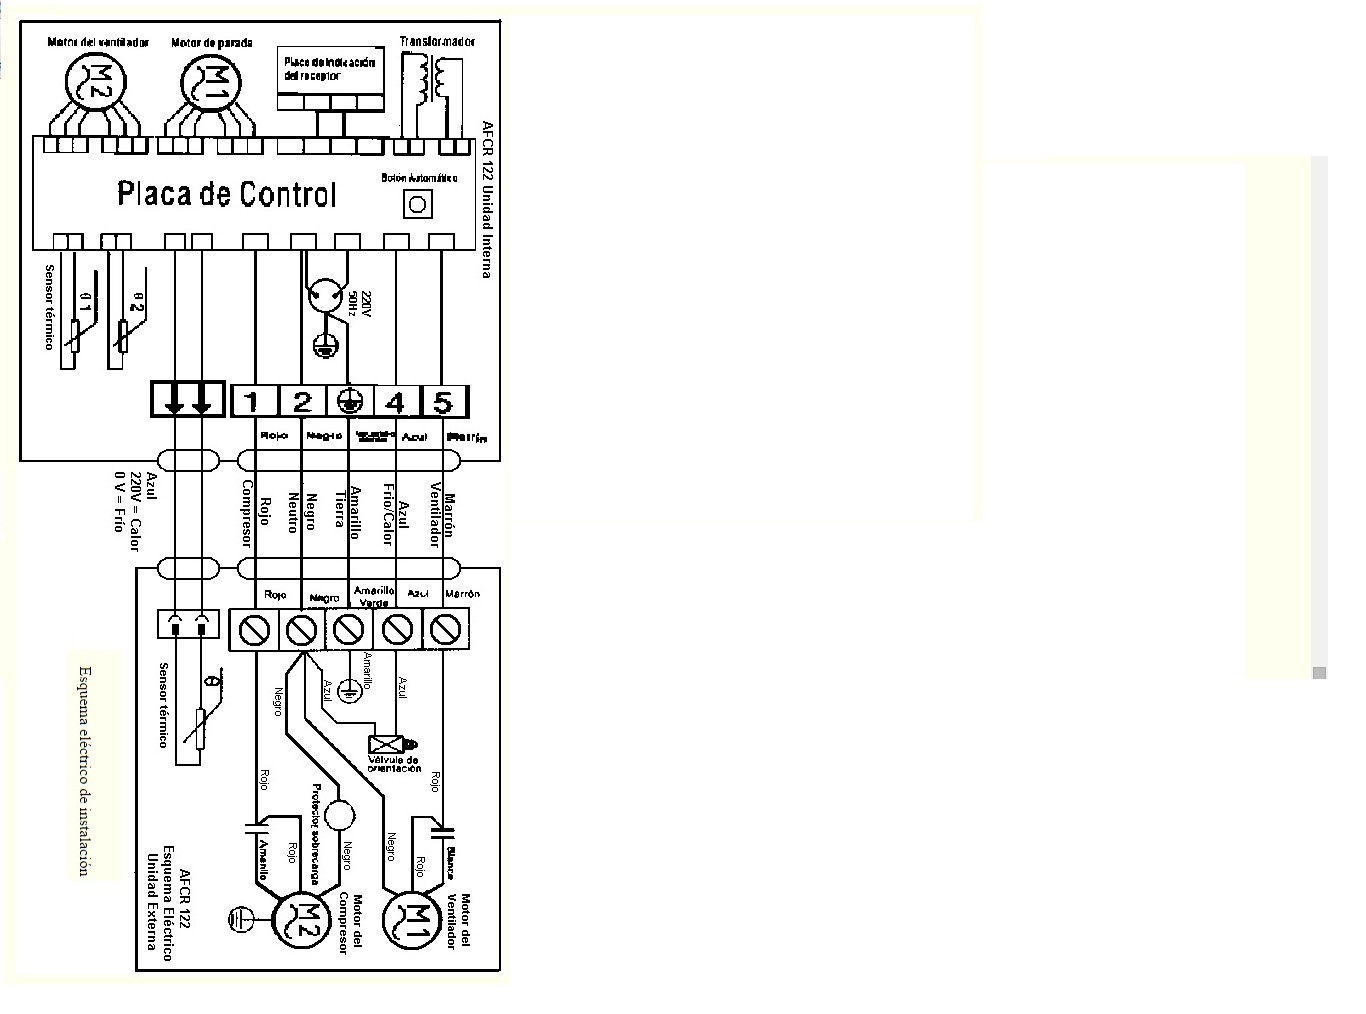 Circuito Ventilador : Quiero saber el circuito de aire acondicionado t reparacion de